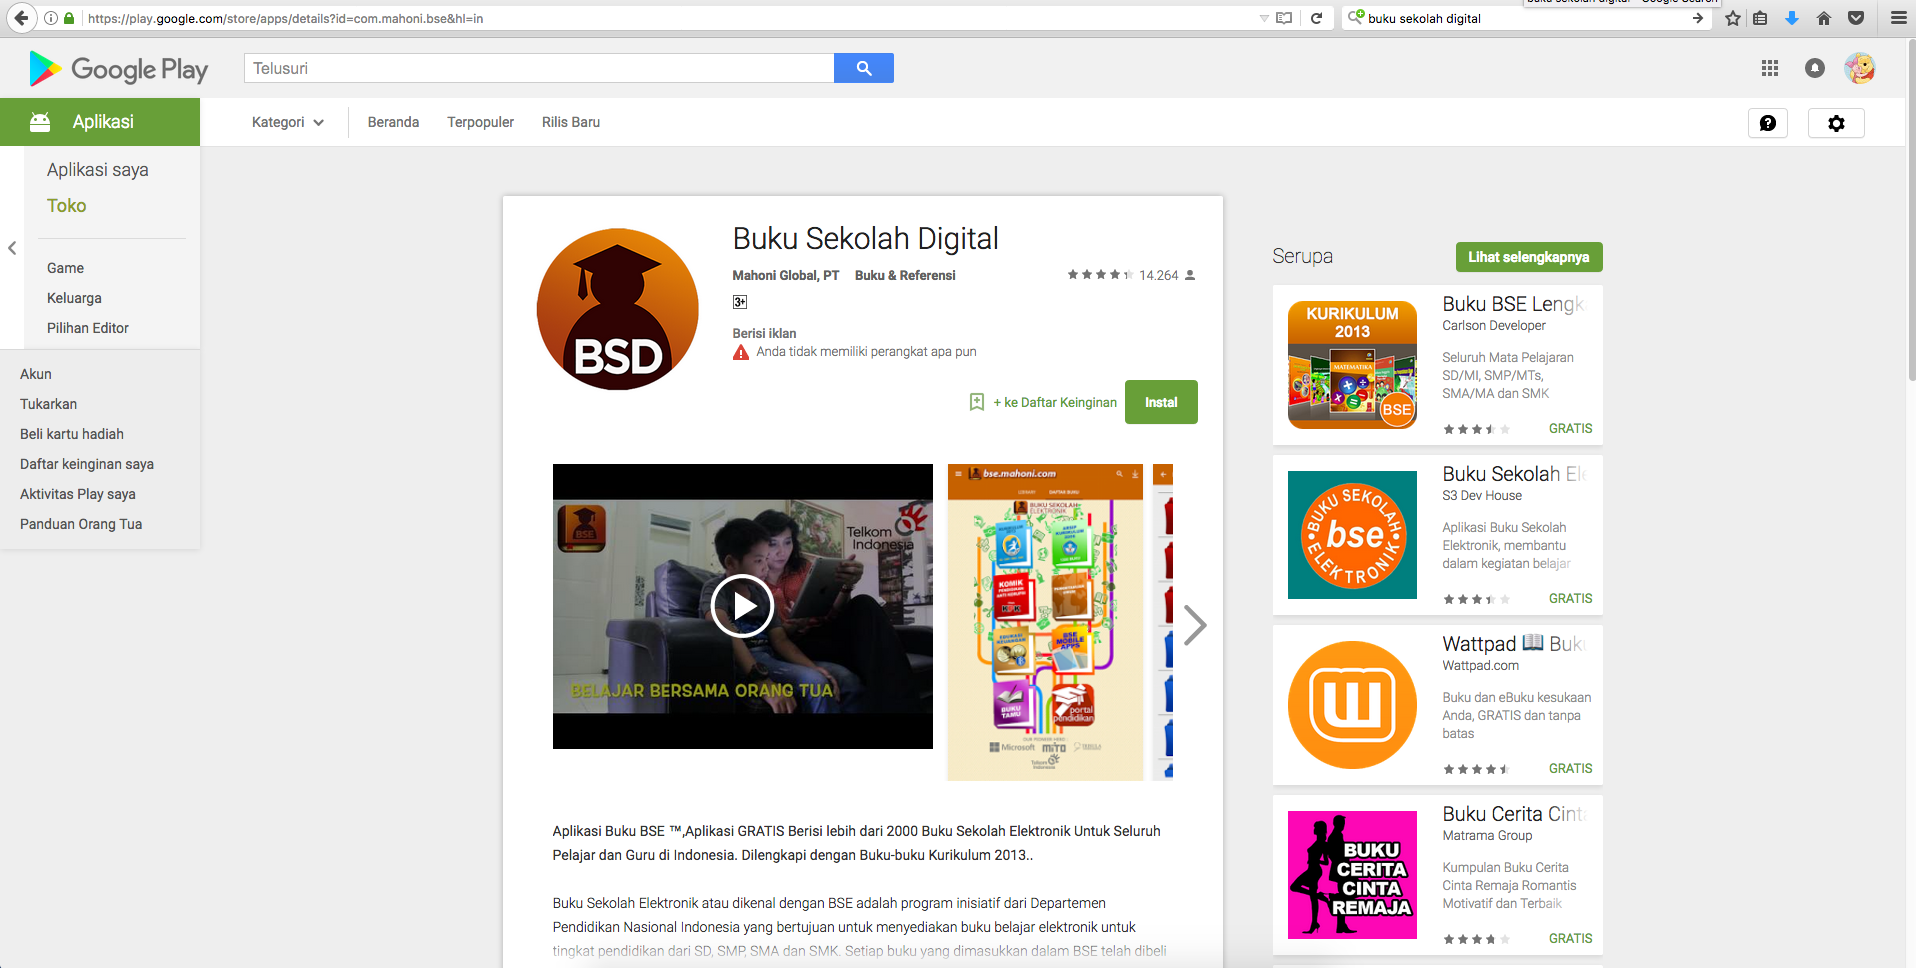 """Mobile Aplikasi """"Buku Sekolah Digital"""", Produk Teknologi yang Sangat Bermanfaat bagi Pendidikan Indonesia di Masa Depan"""